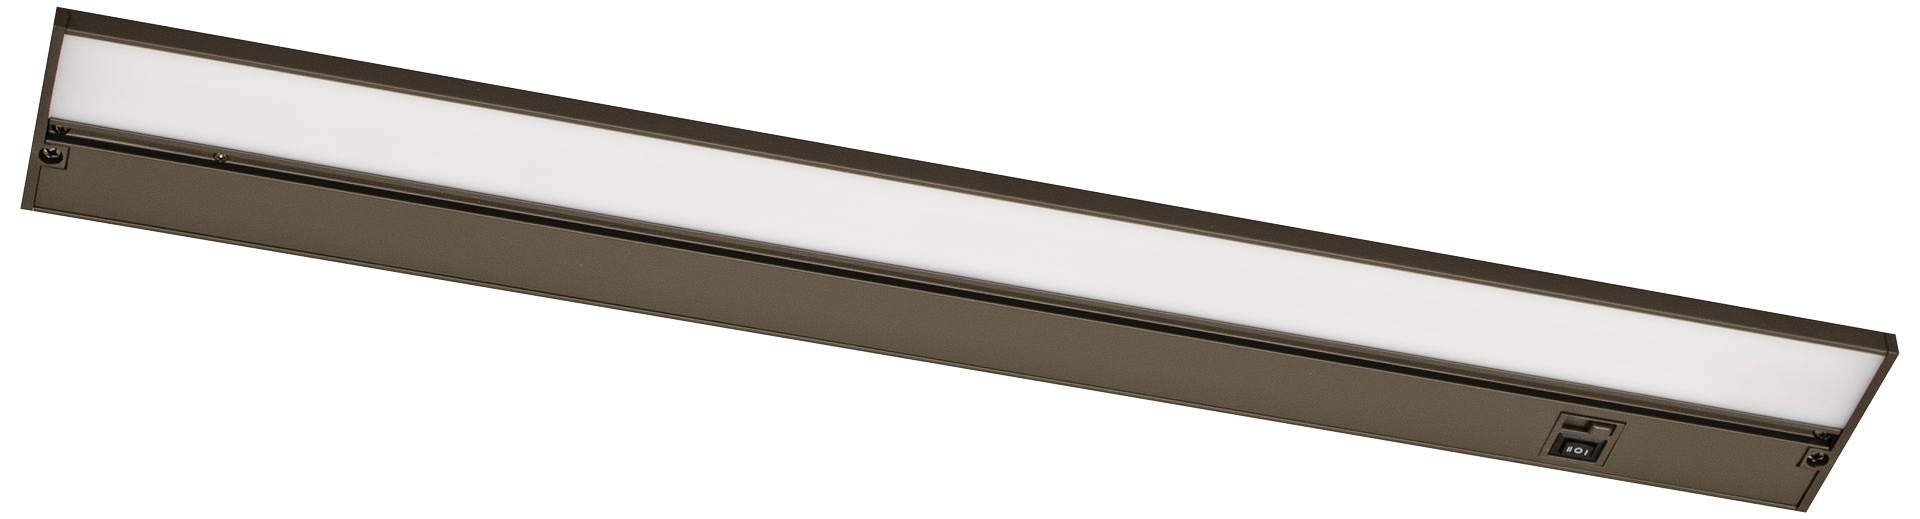 Koren 22'' Wide Oil-Rubbed Bronze LED Under Cabinet Light by AFX (Image #1)